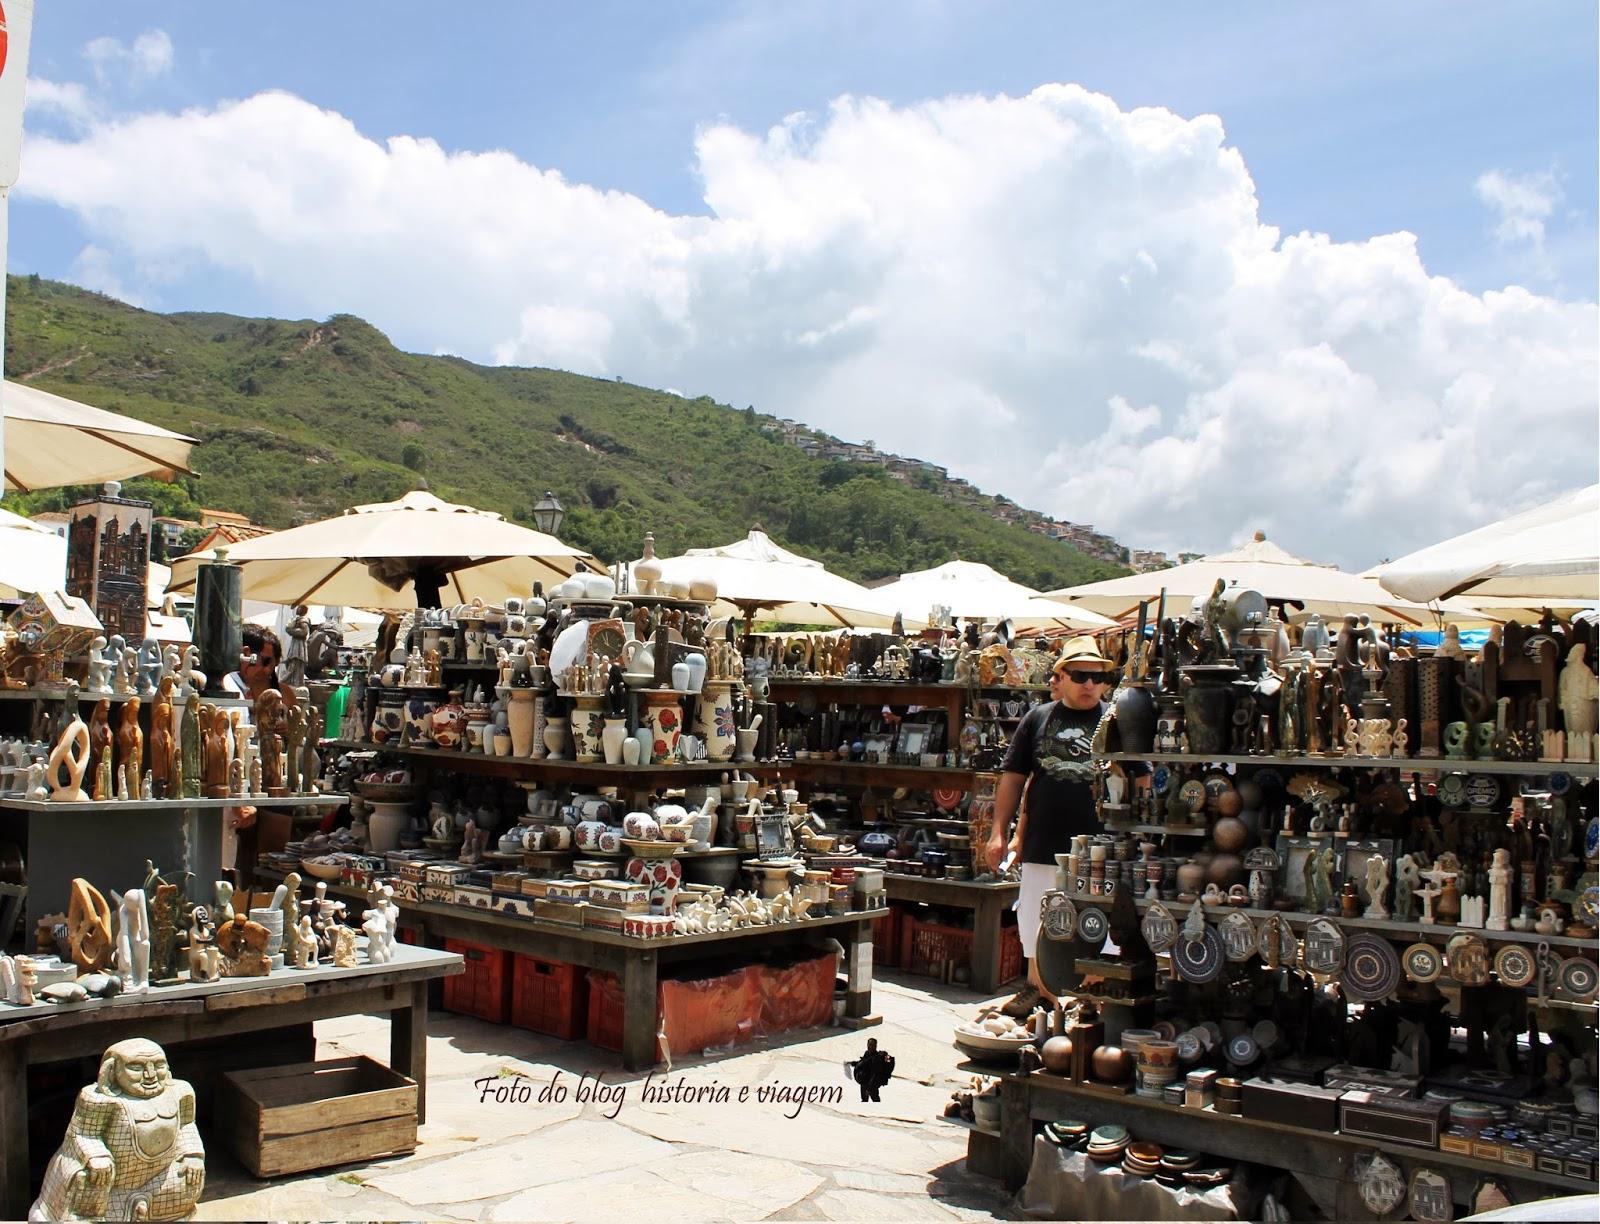 Feira Artesanato Rio Das Ostras ~ Ouro Preto Ondeé possível aprender e ver a historia do Brasil